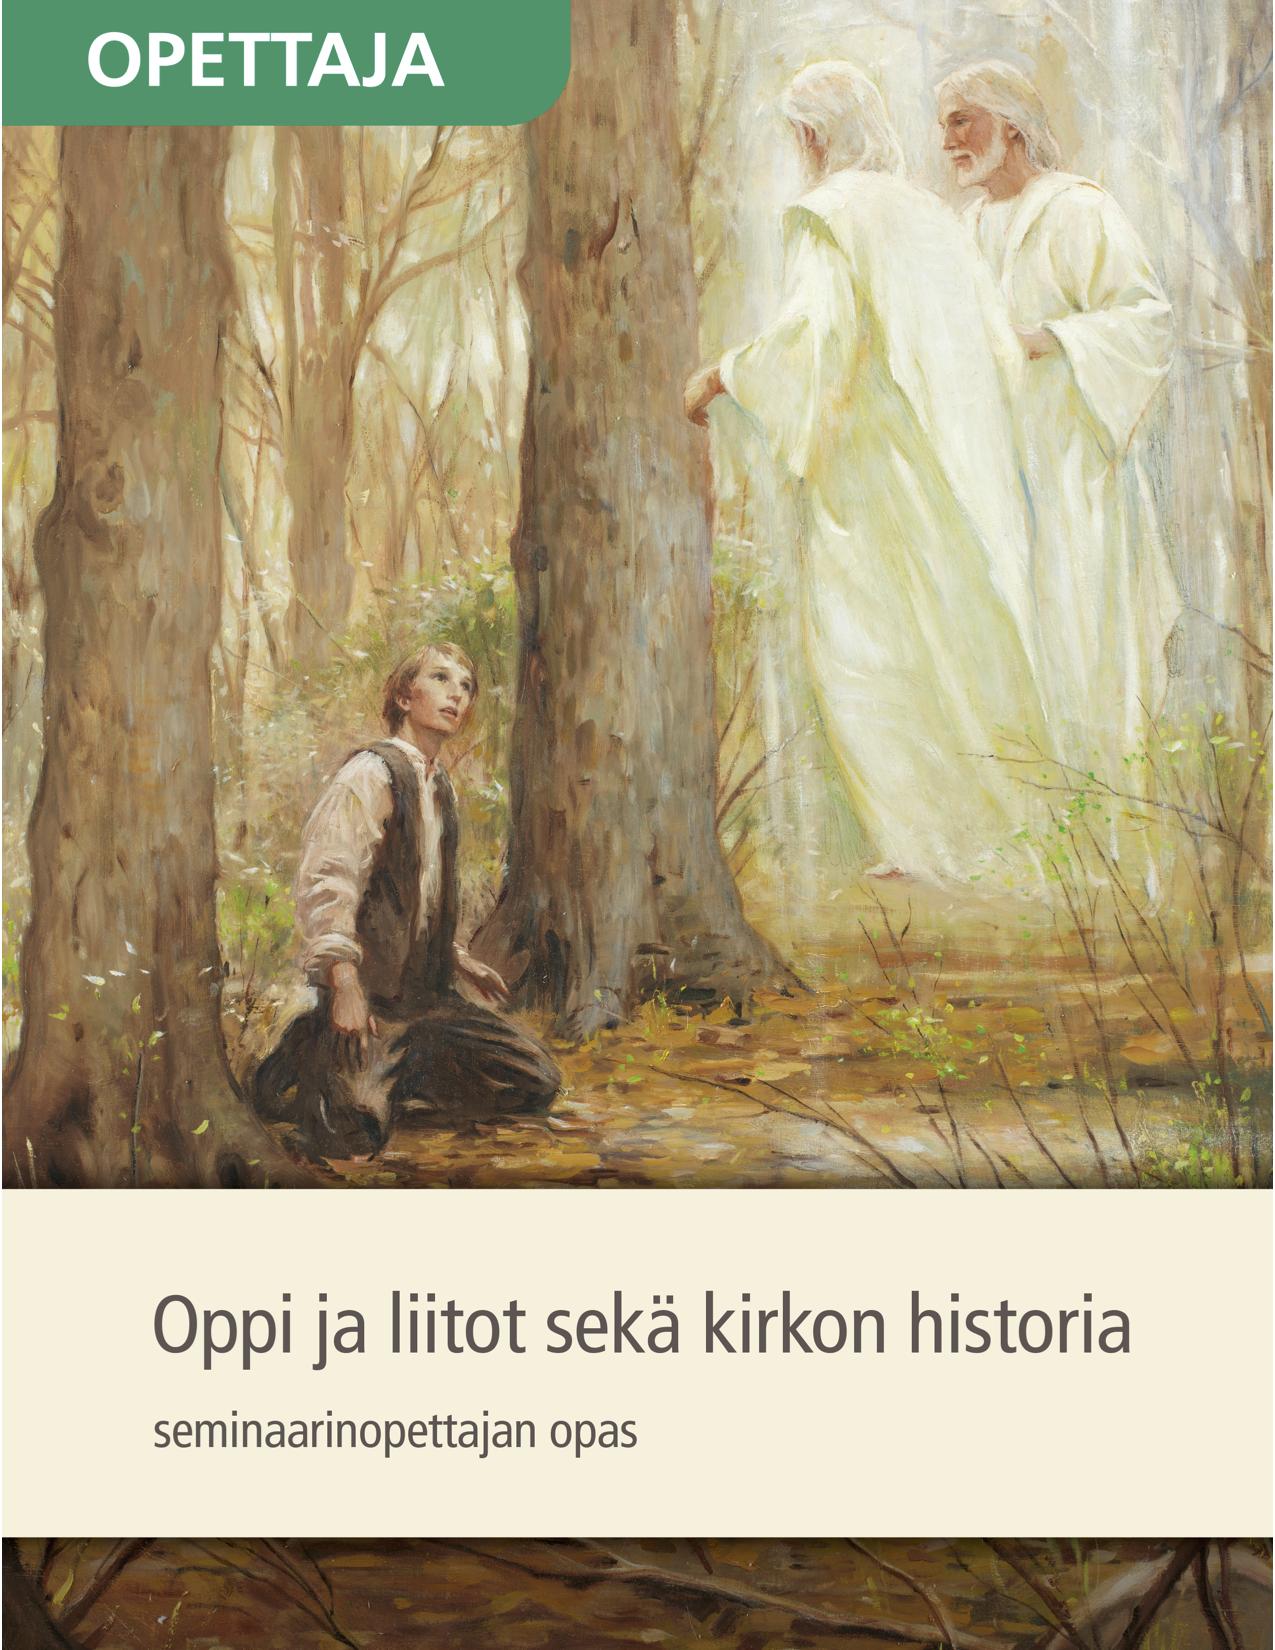 Oppi ja liitot sekä kirkon historia, seminaarinopettajan kirja